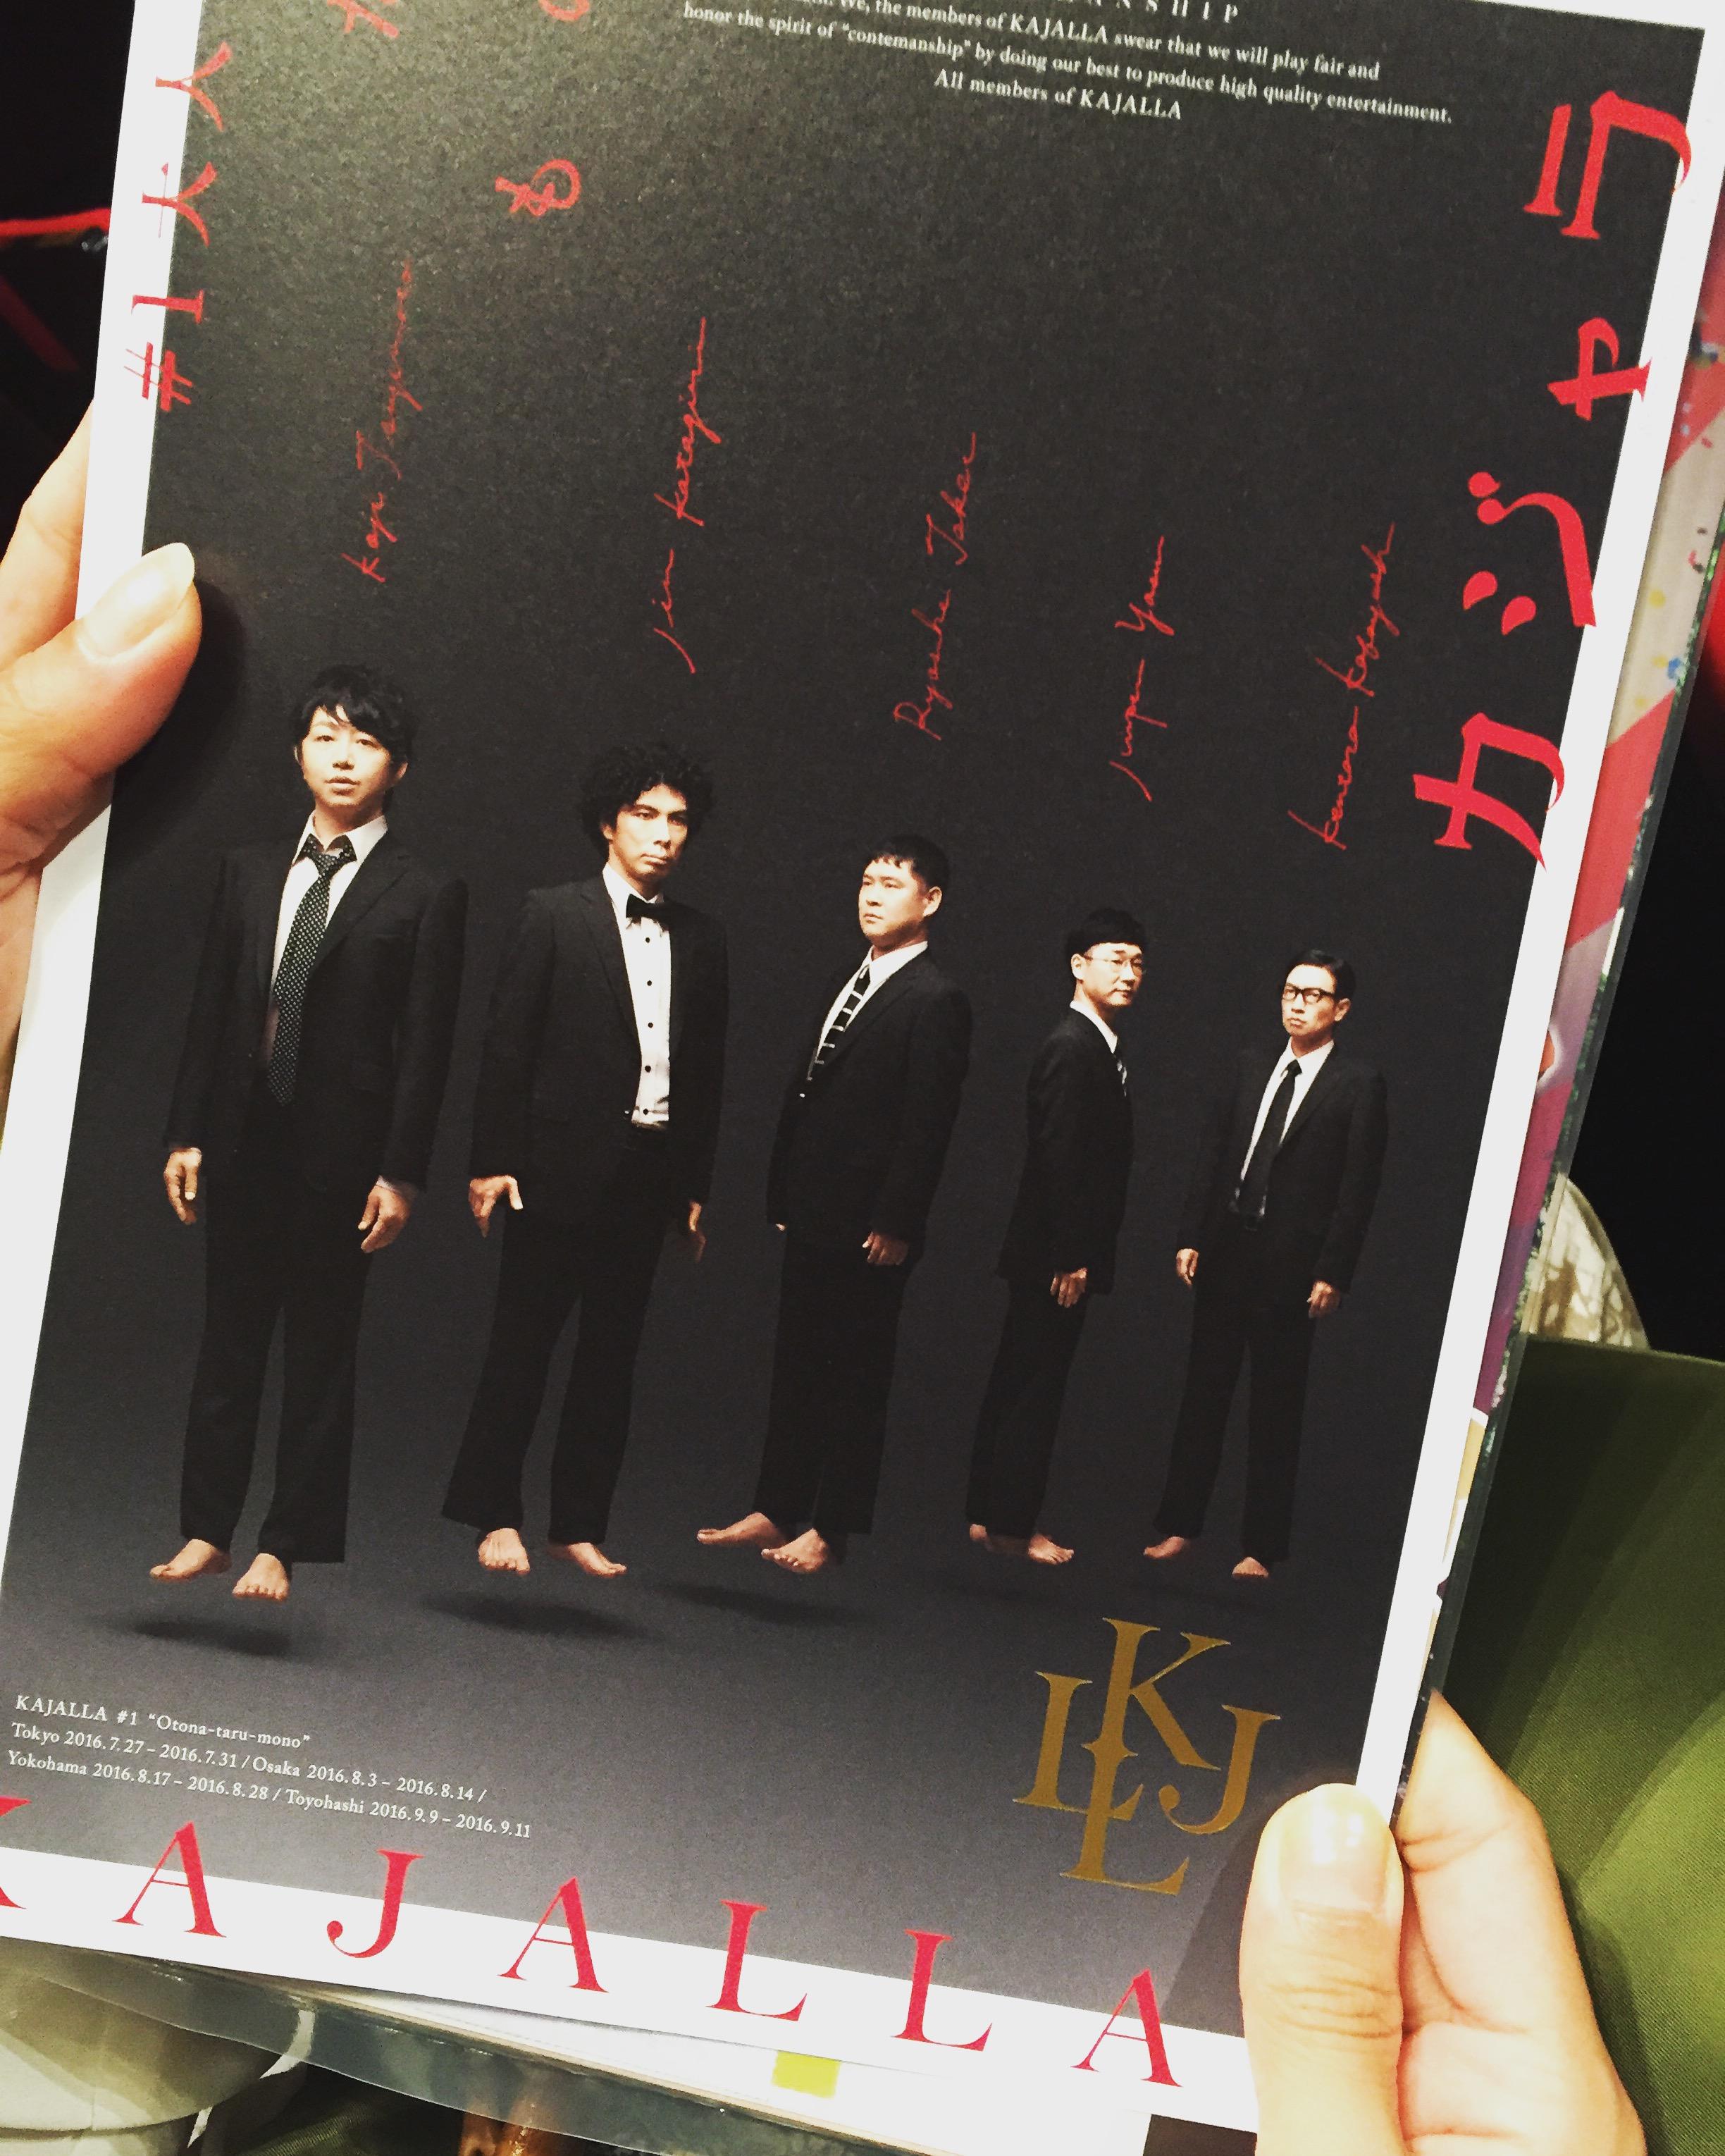 カジャラ / 小林賢太郎舞台